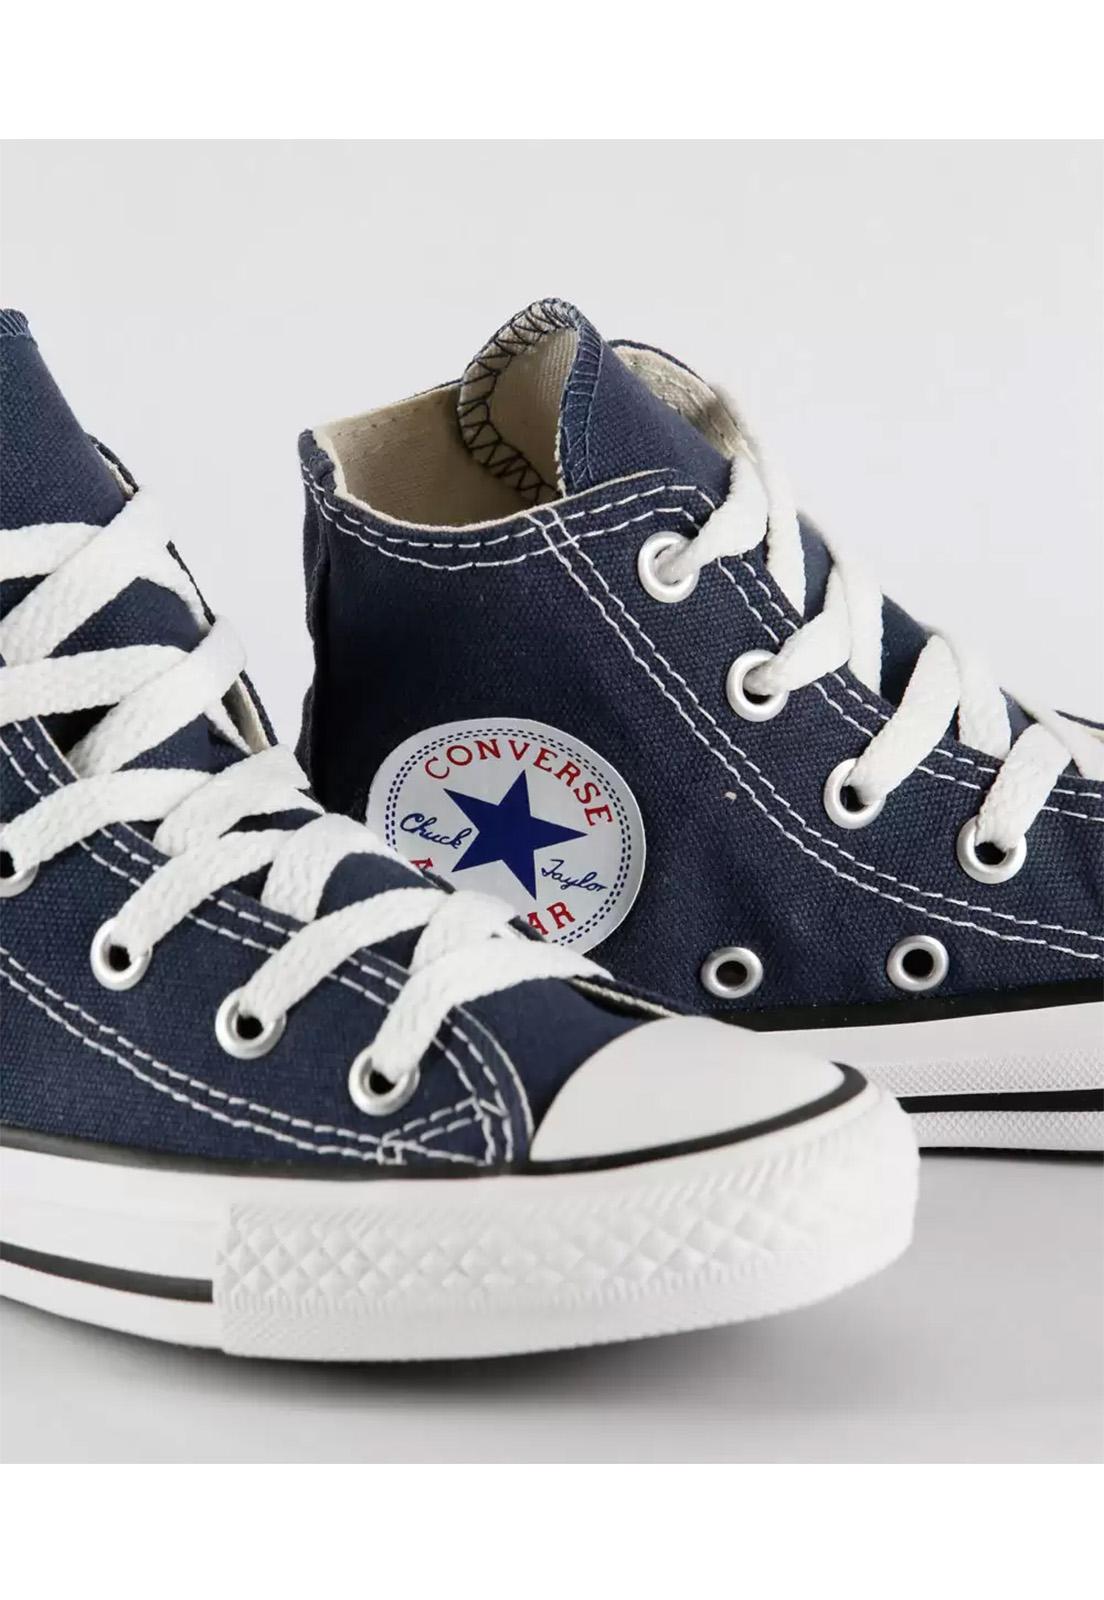 Tênis Converse All Star Infantil Cano Alto Marinho